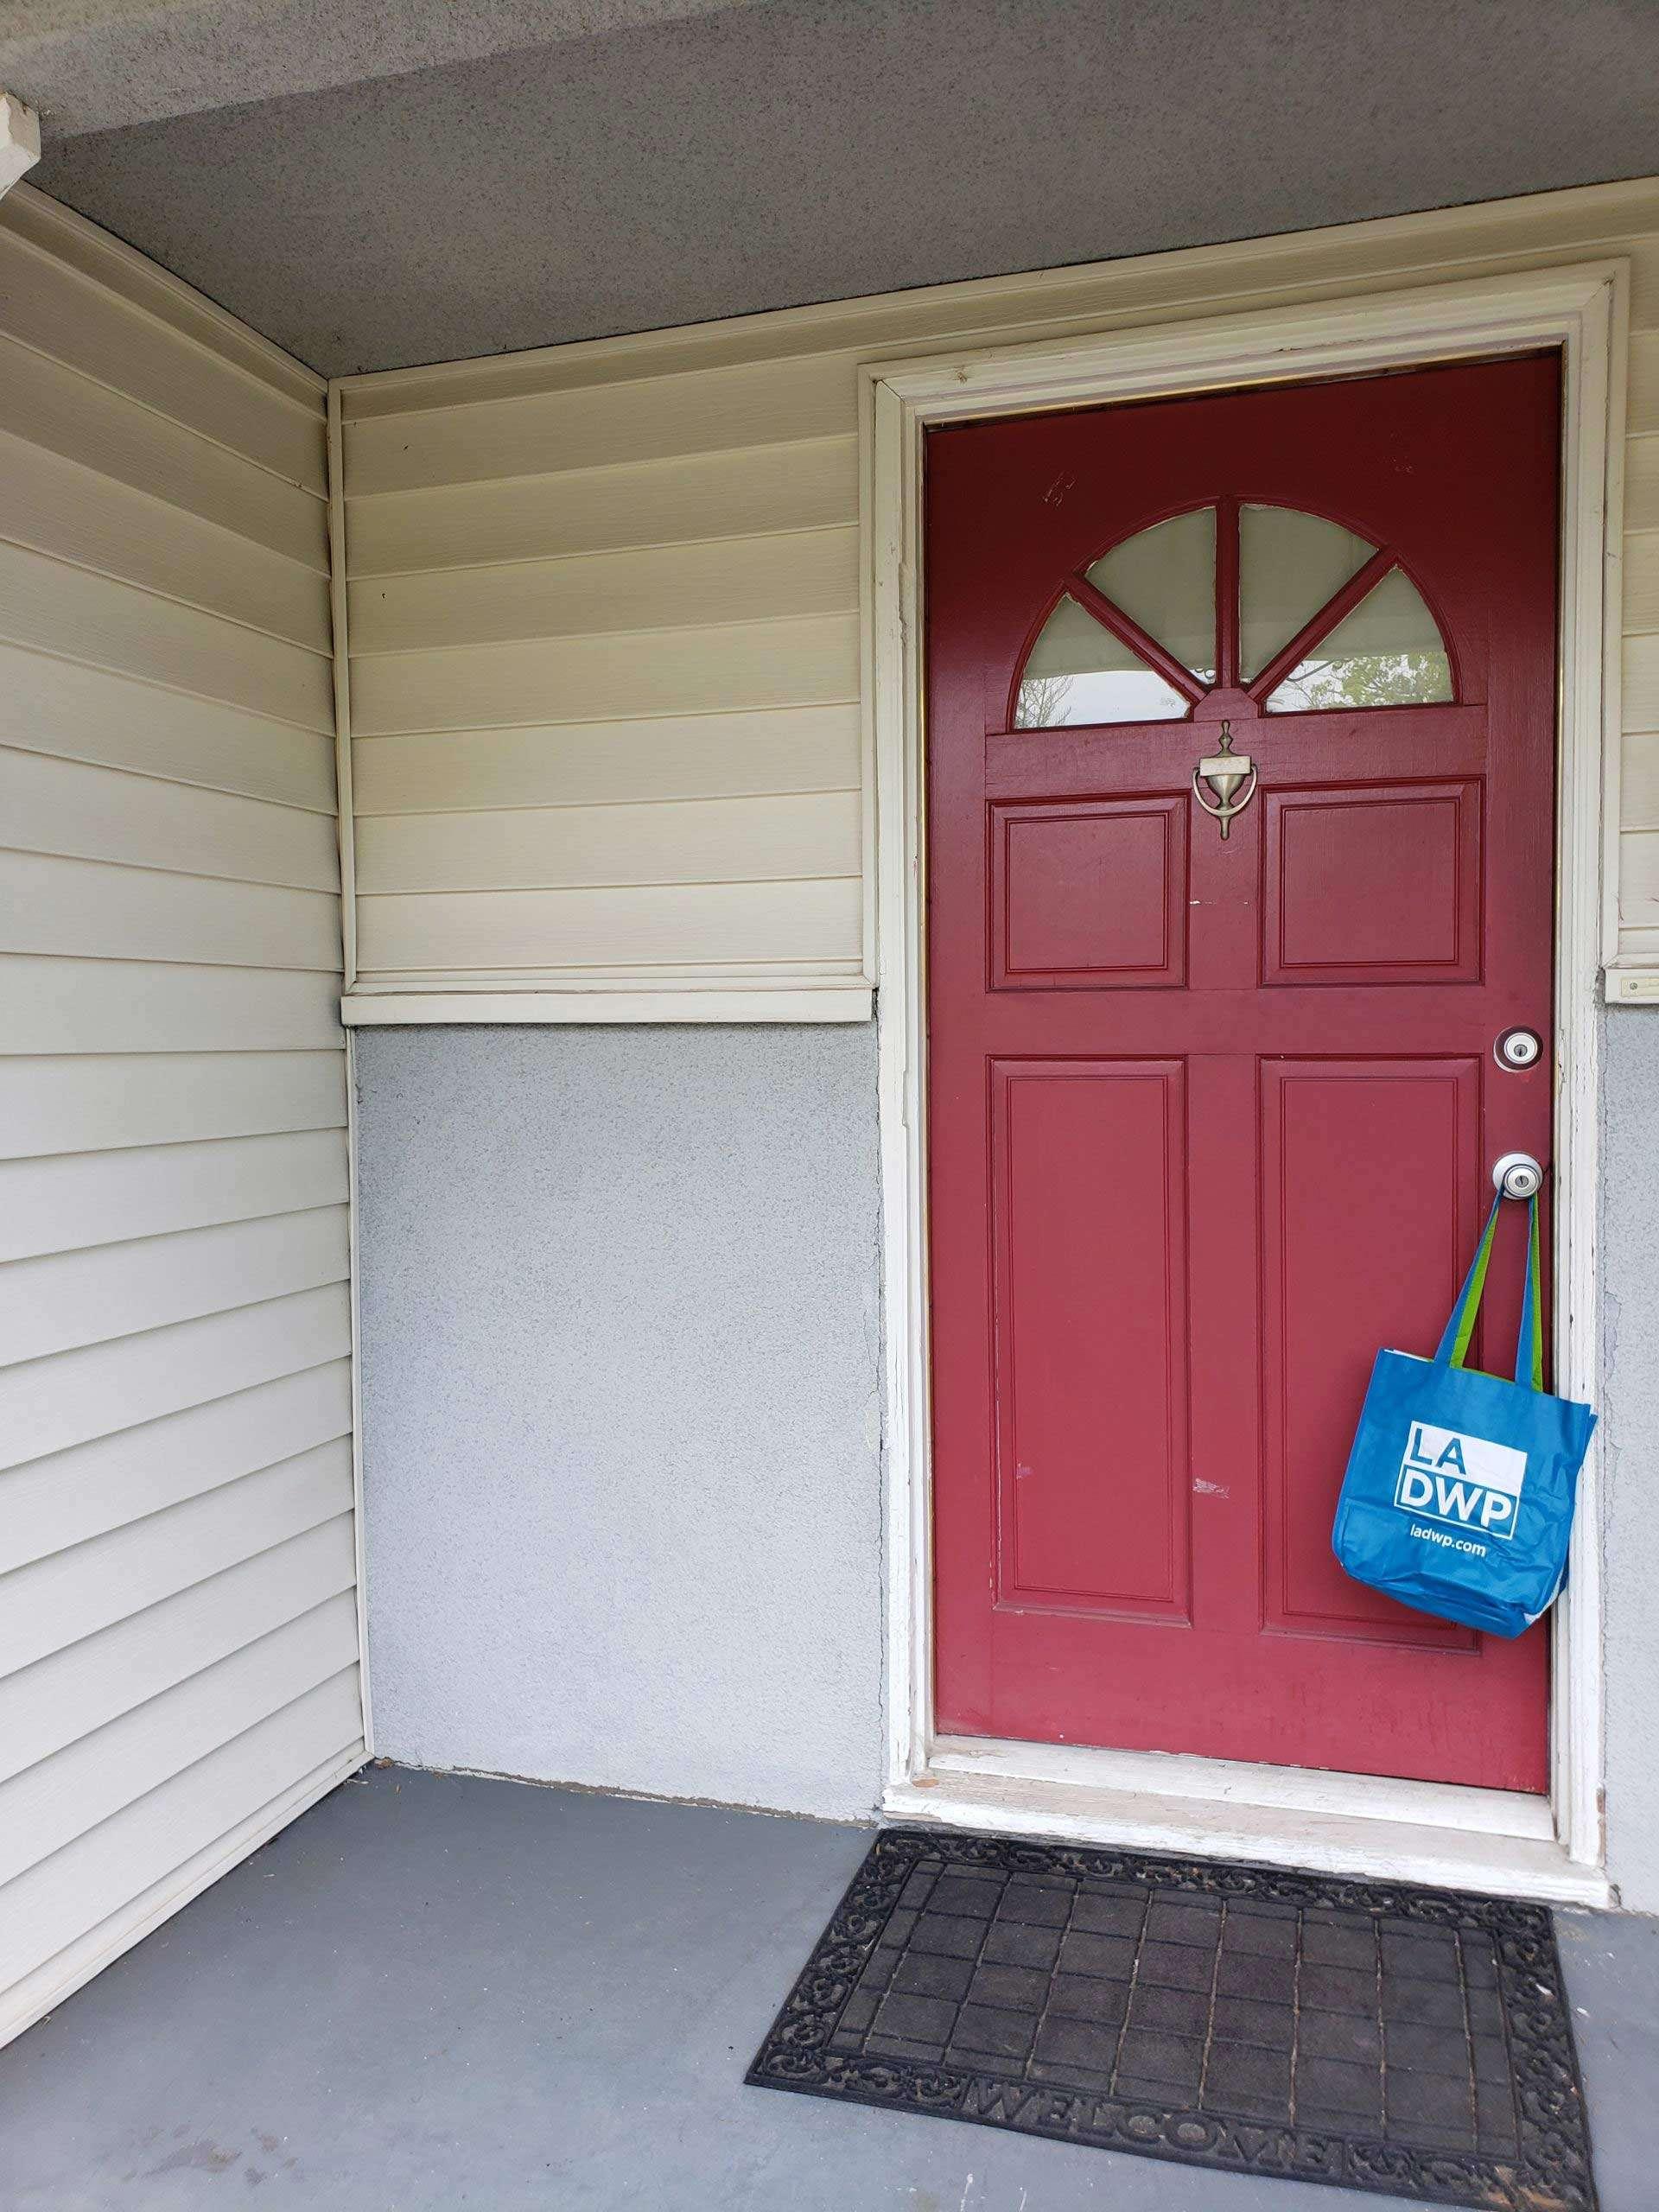 blue bag on a front door